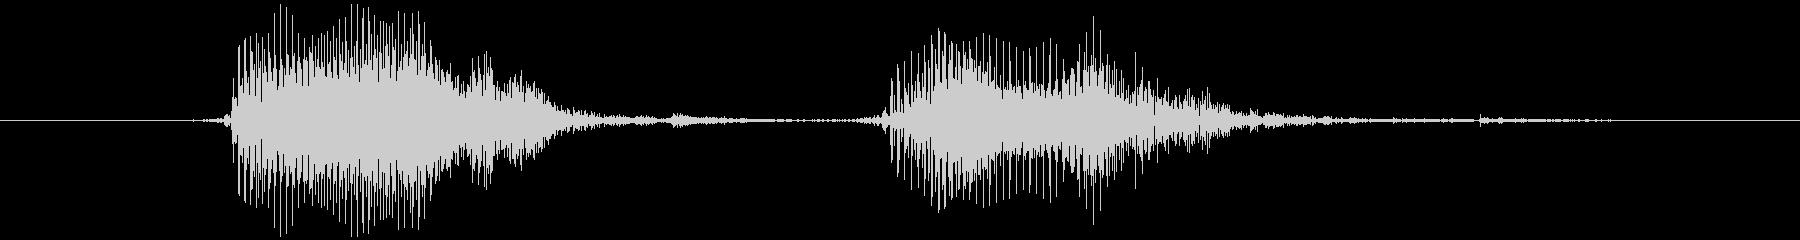 スマイルハンマー ピヨッ(軽め)の未再生の波形